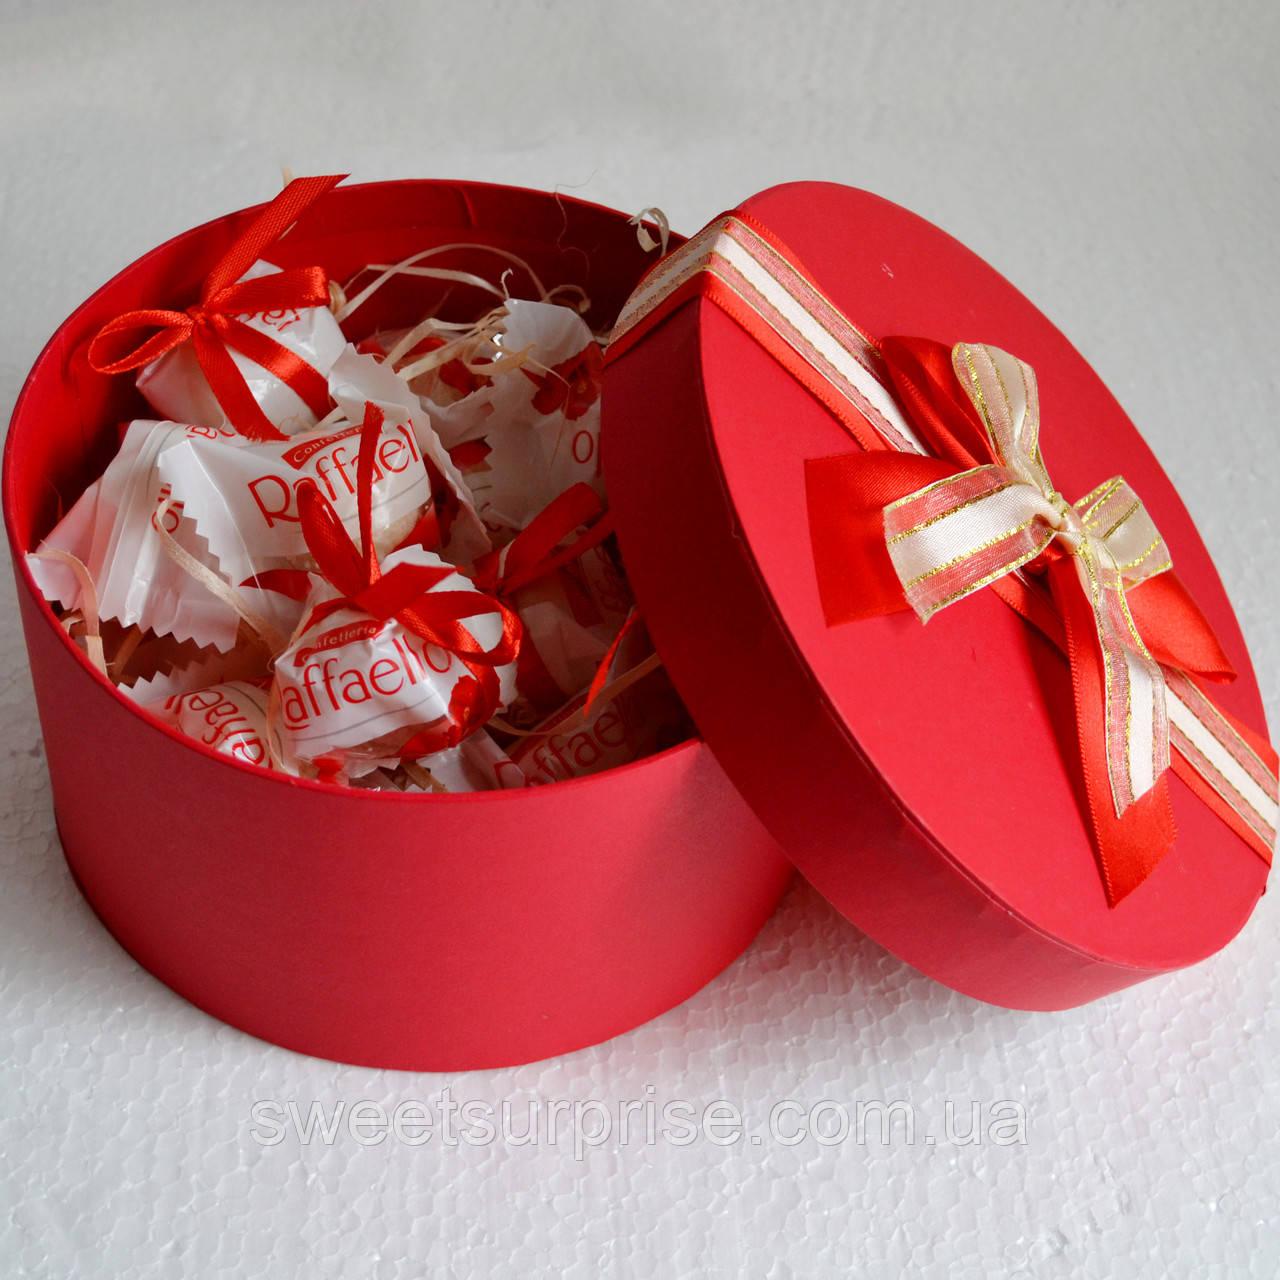 """Подарок для любимой из конфет """"Raffaello"""""""